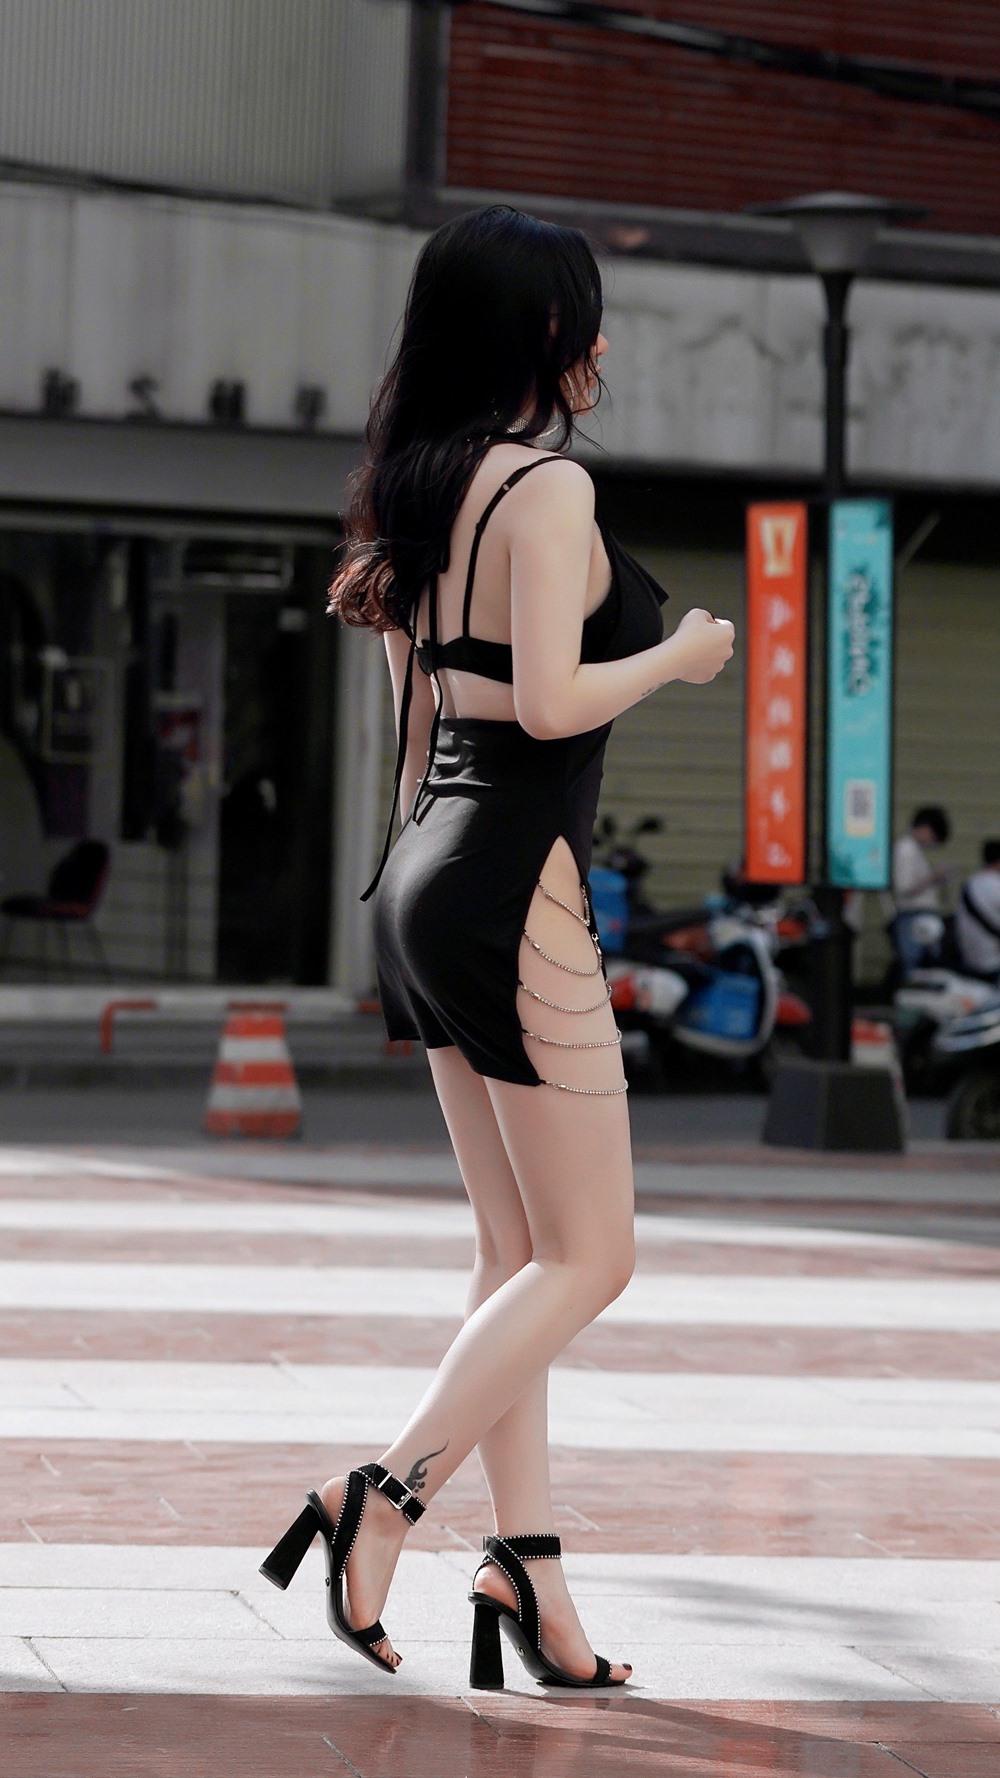 Gái xinh Trung Quốc khiến người đi đường nhìn chằm chằm vì đường xẻ nguy hiểm - 1